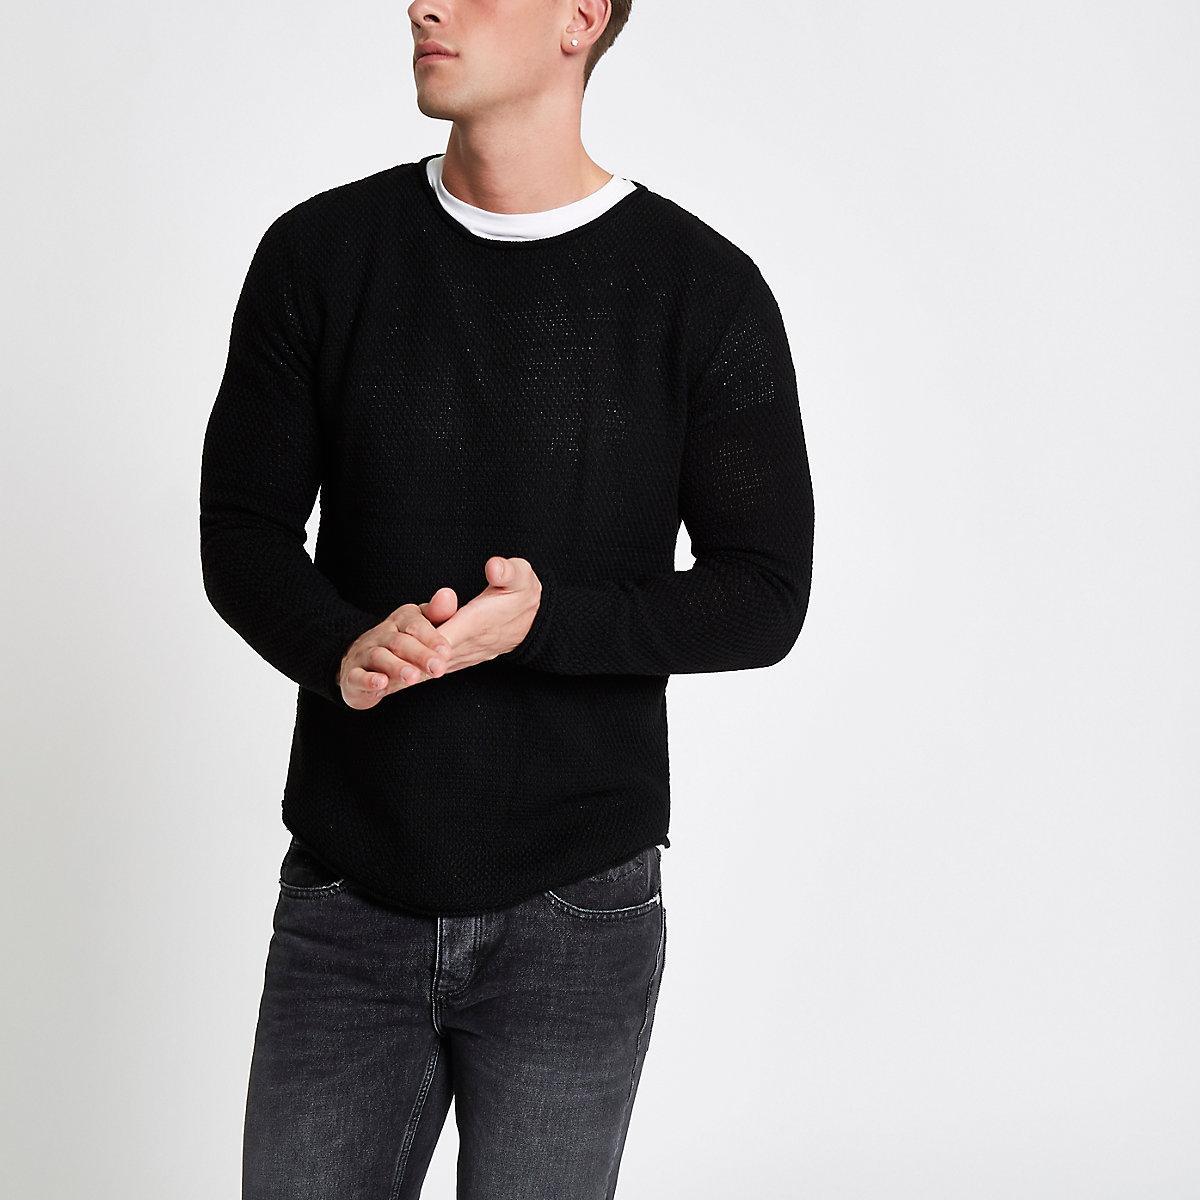 Schwarzer Slim Fit Pullover